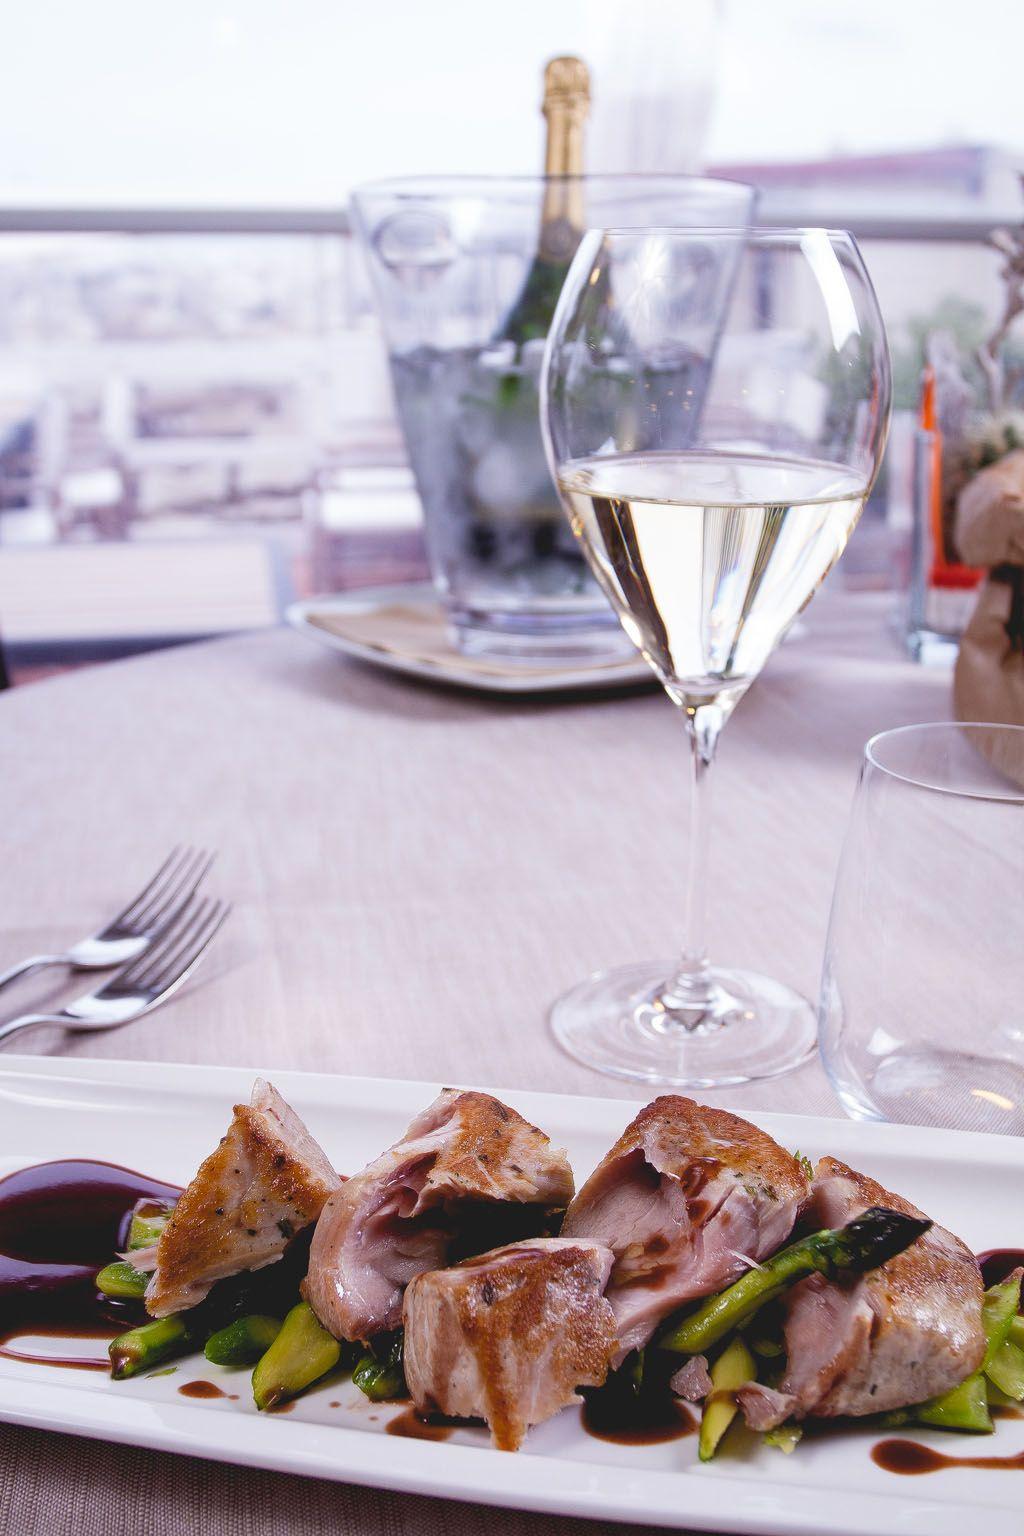 www.ristorantebagnoitalia.it Ristorante bagno, Bagno